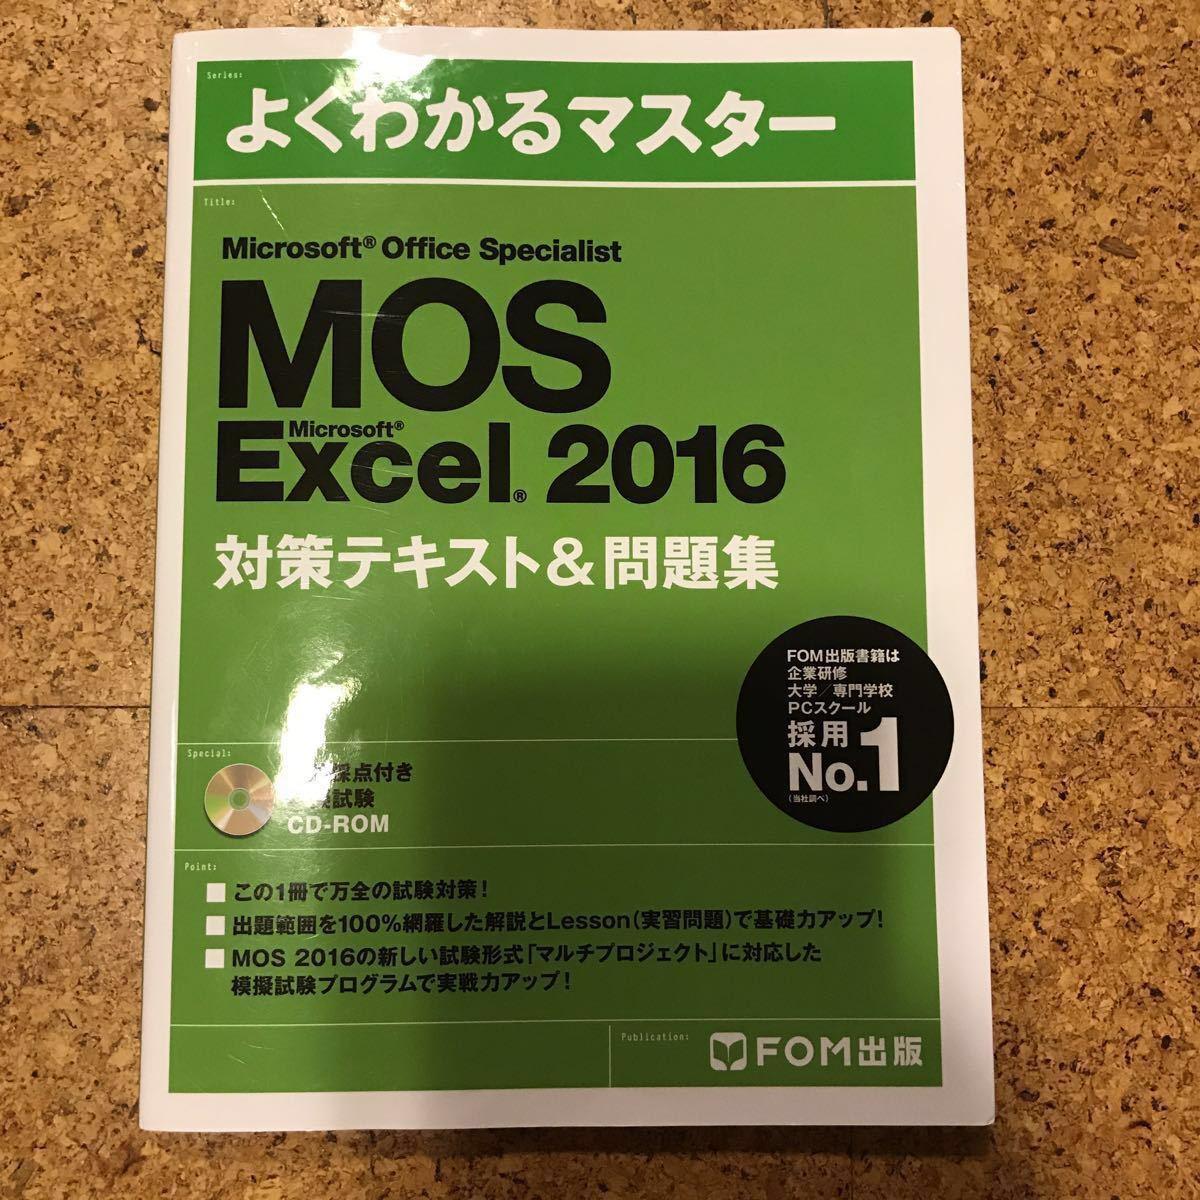 よくわかるマスター MOS EXcel 2016 エクセル_画像2